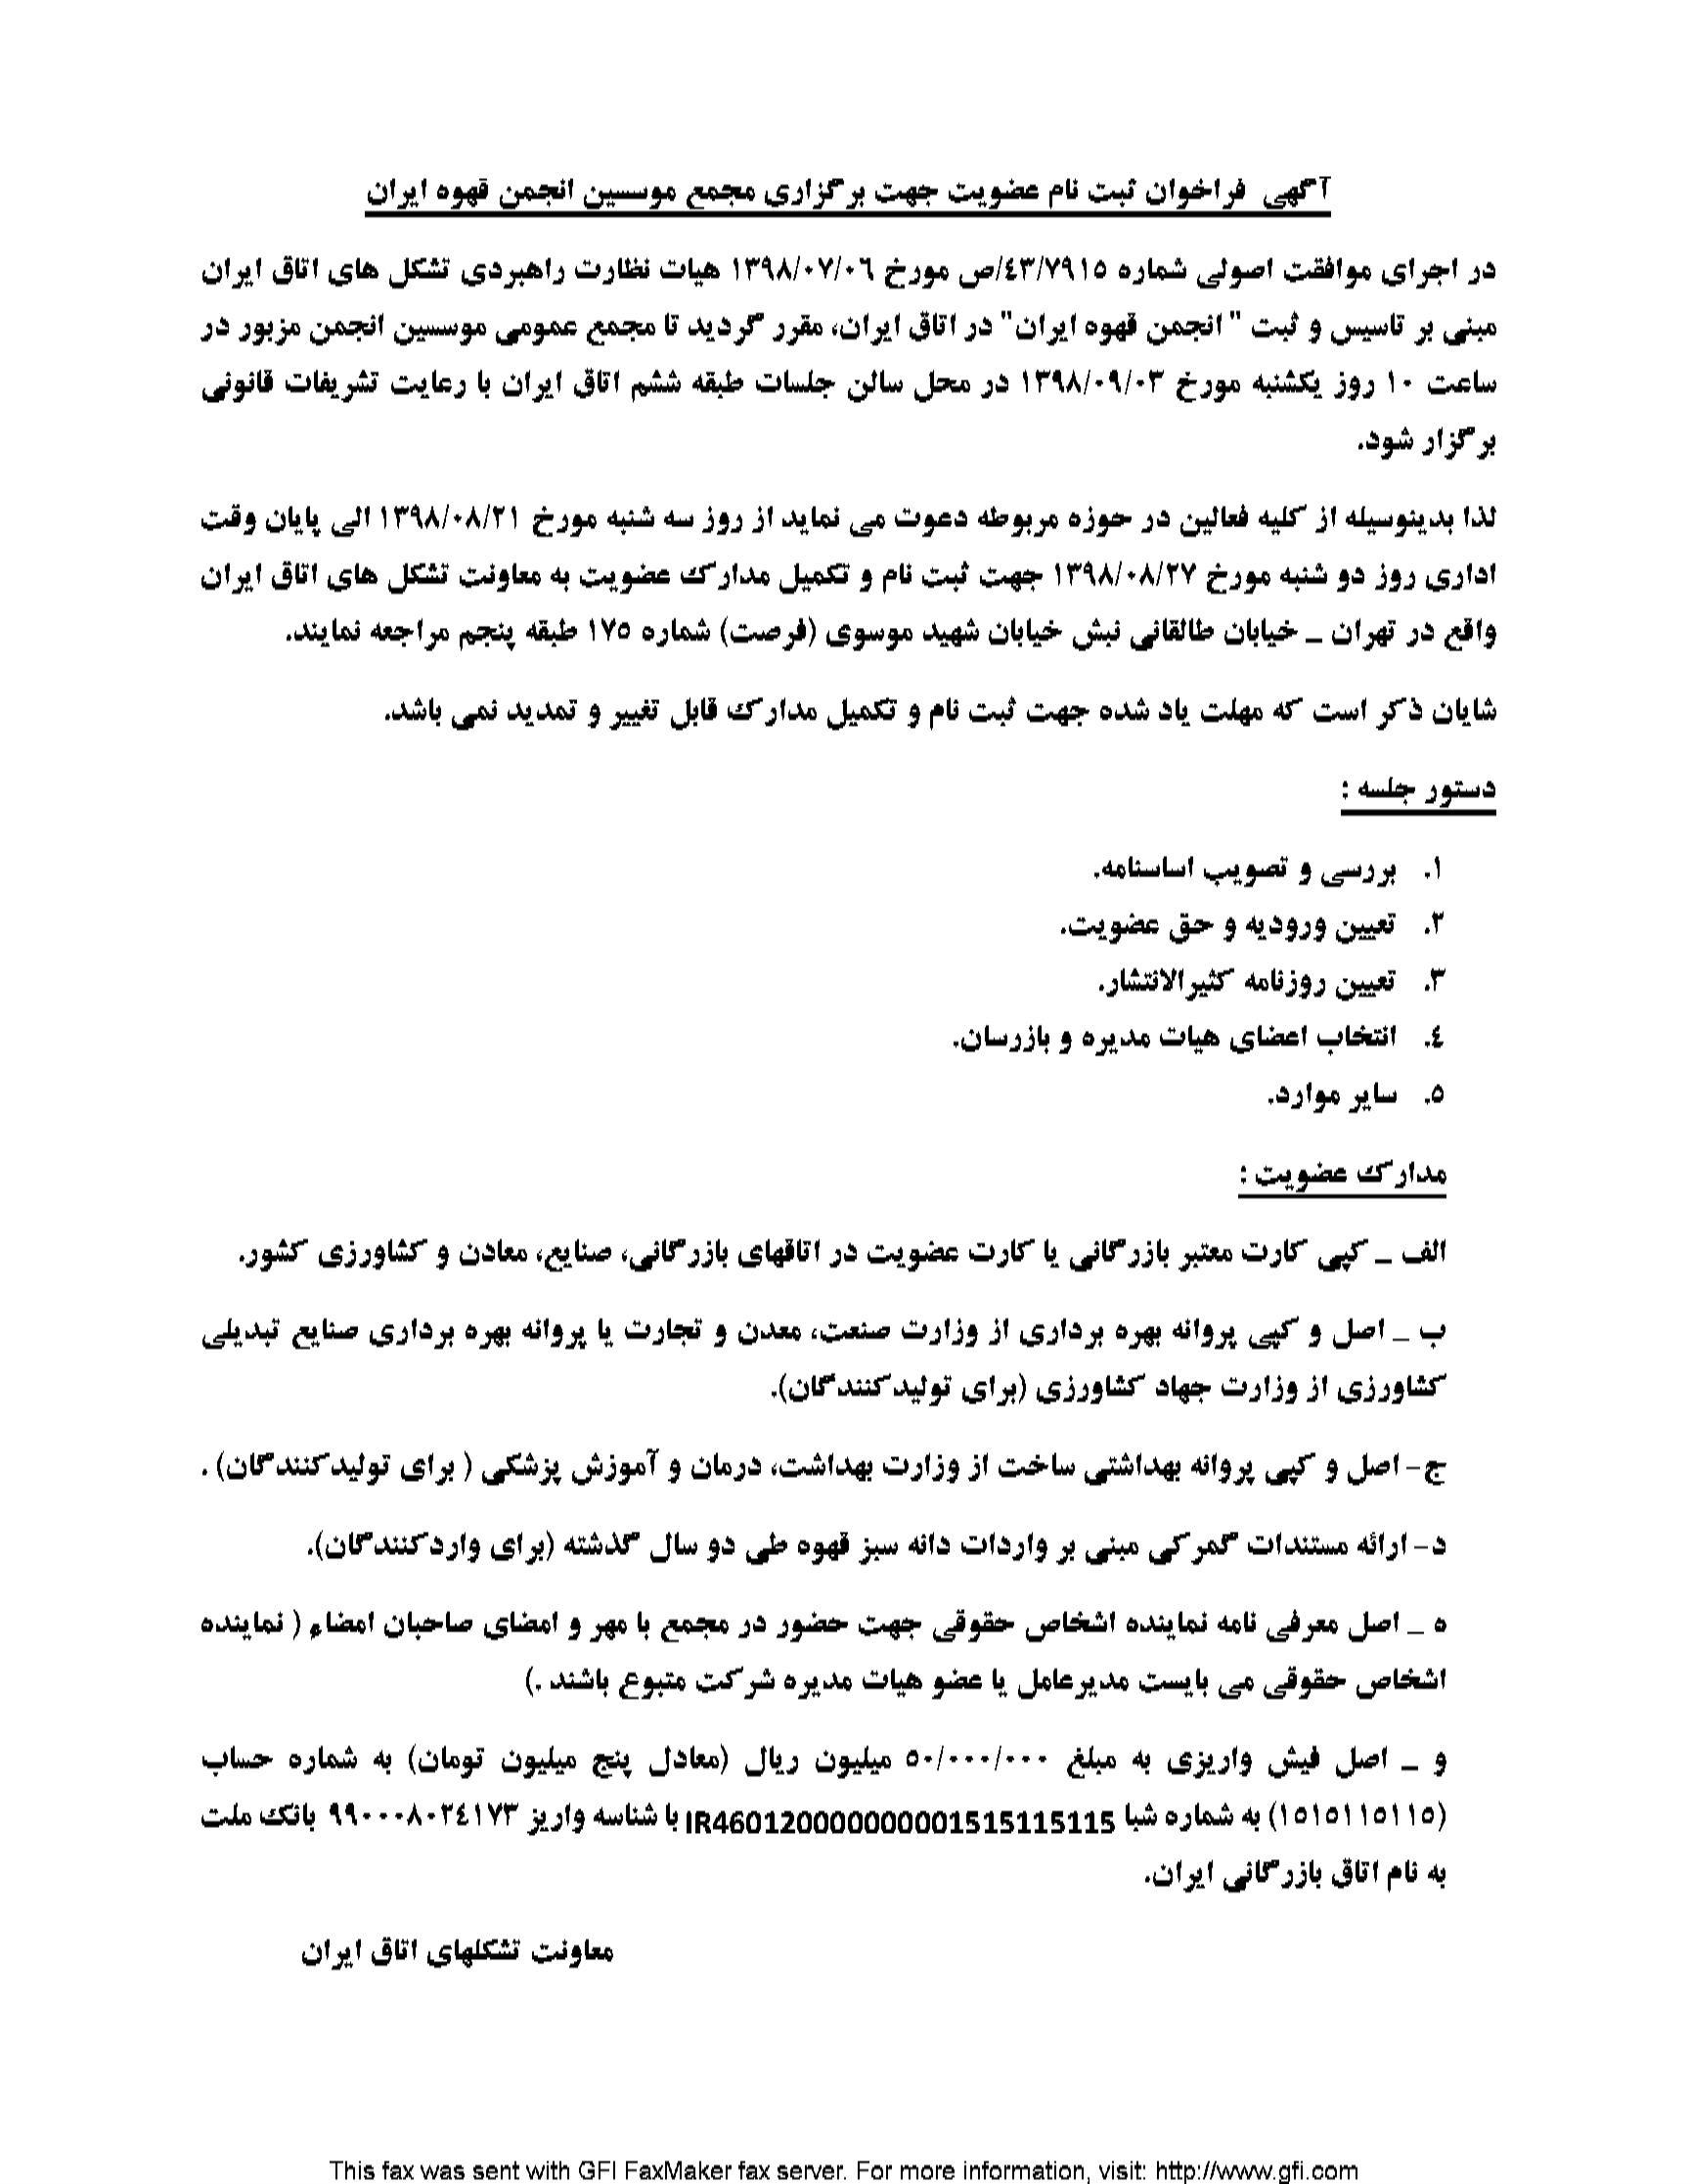 فراخوان ثبت نام در مجمع موسسین انجمن قهوه